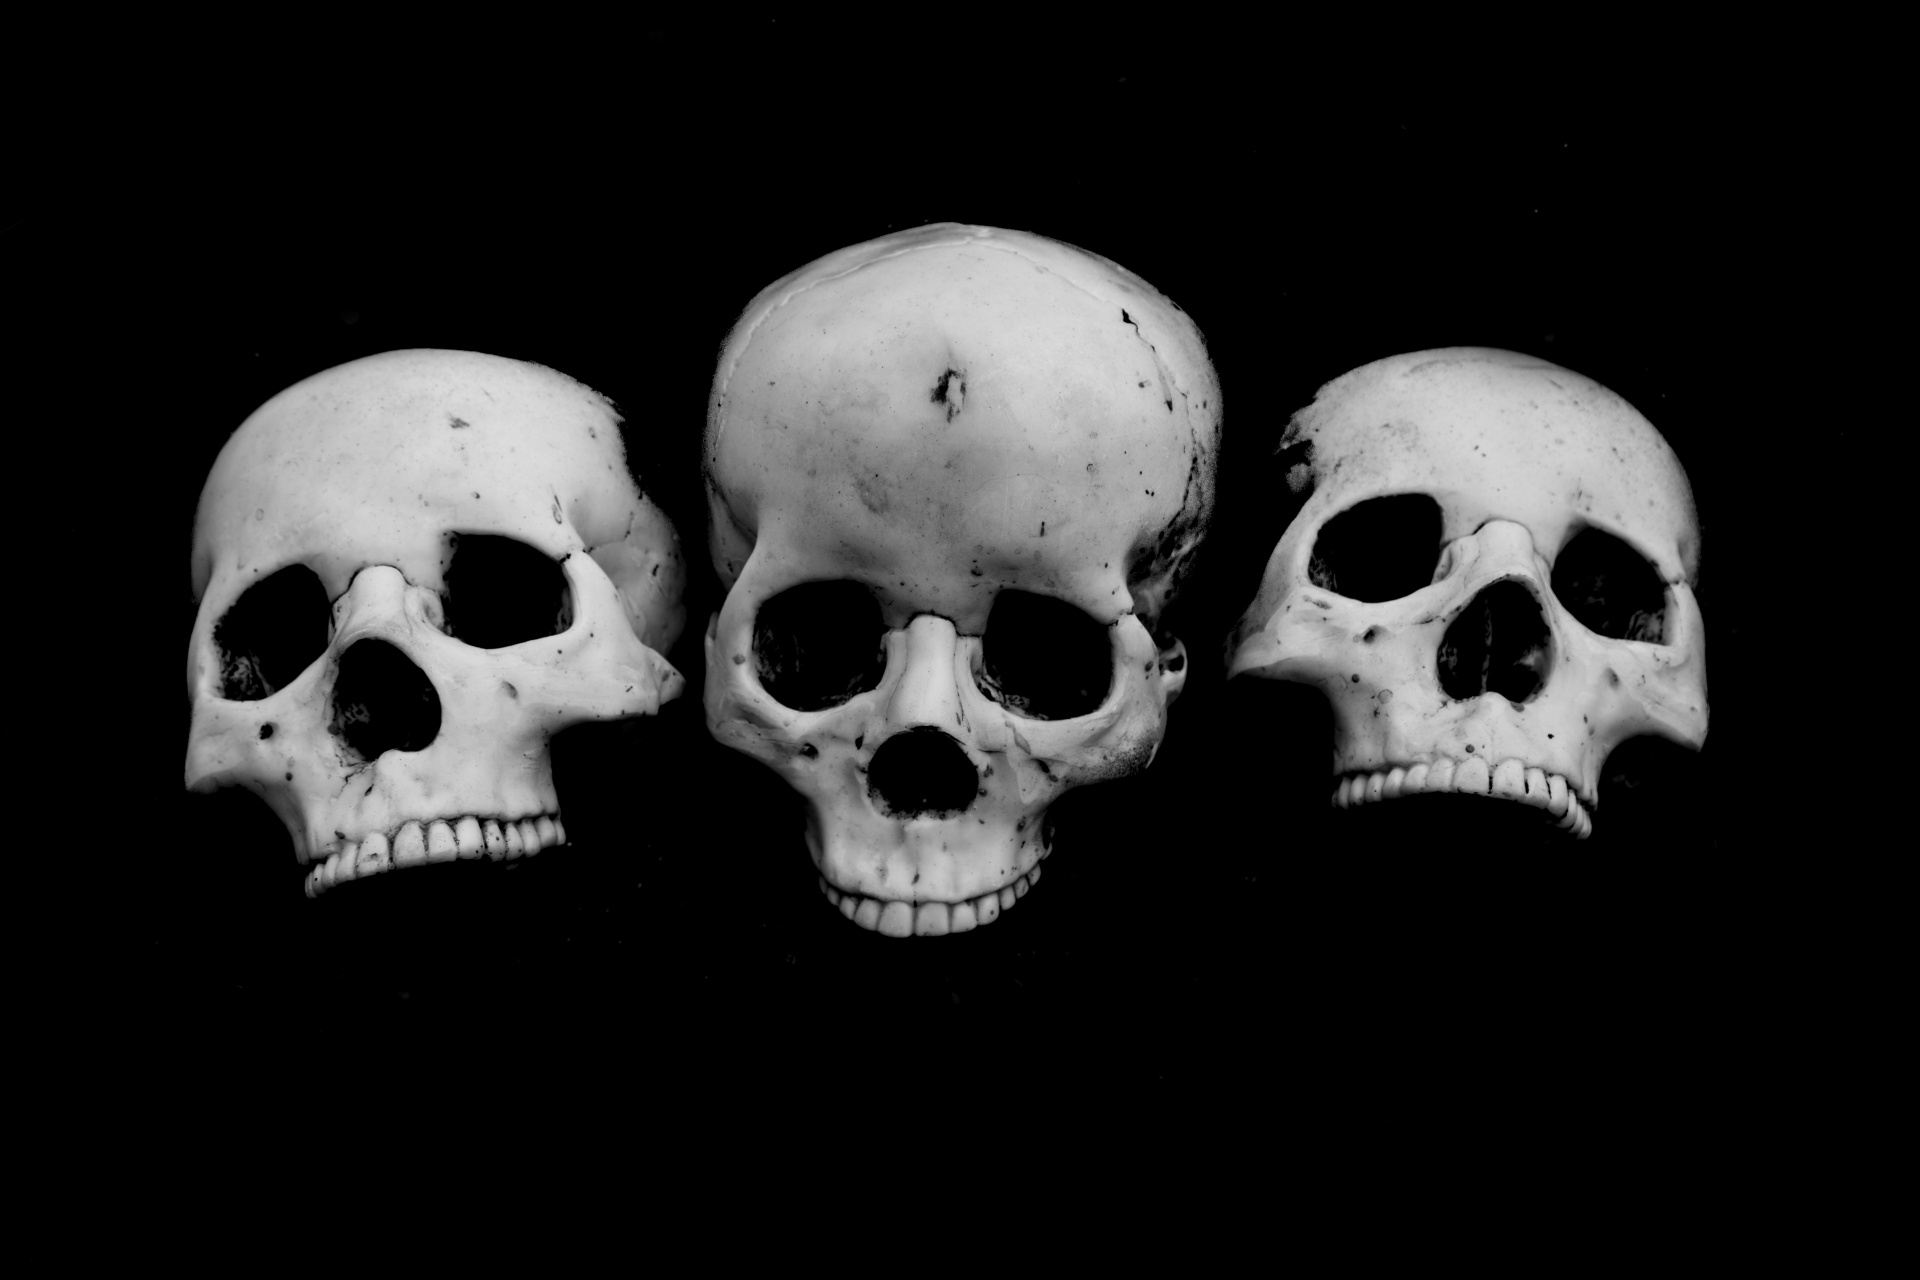 Découverte d'une tour composée de crânes humains (Vidéo) — Mexique